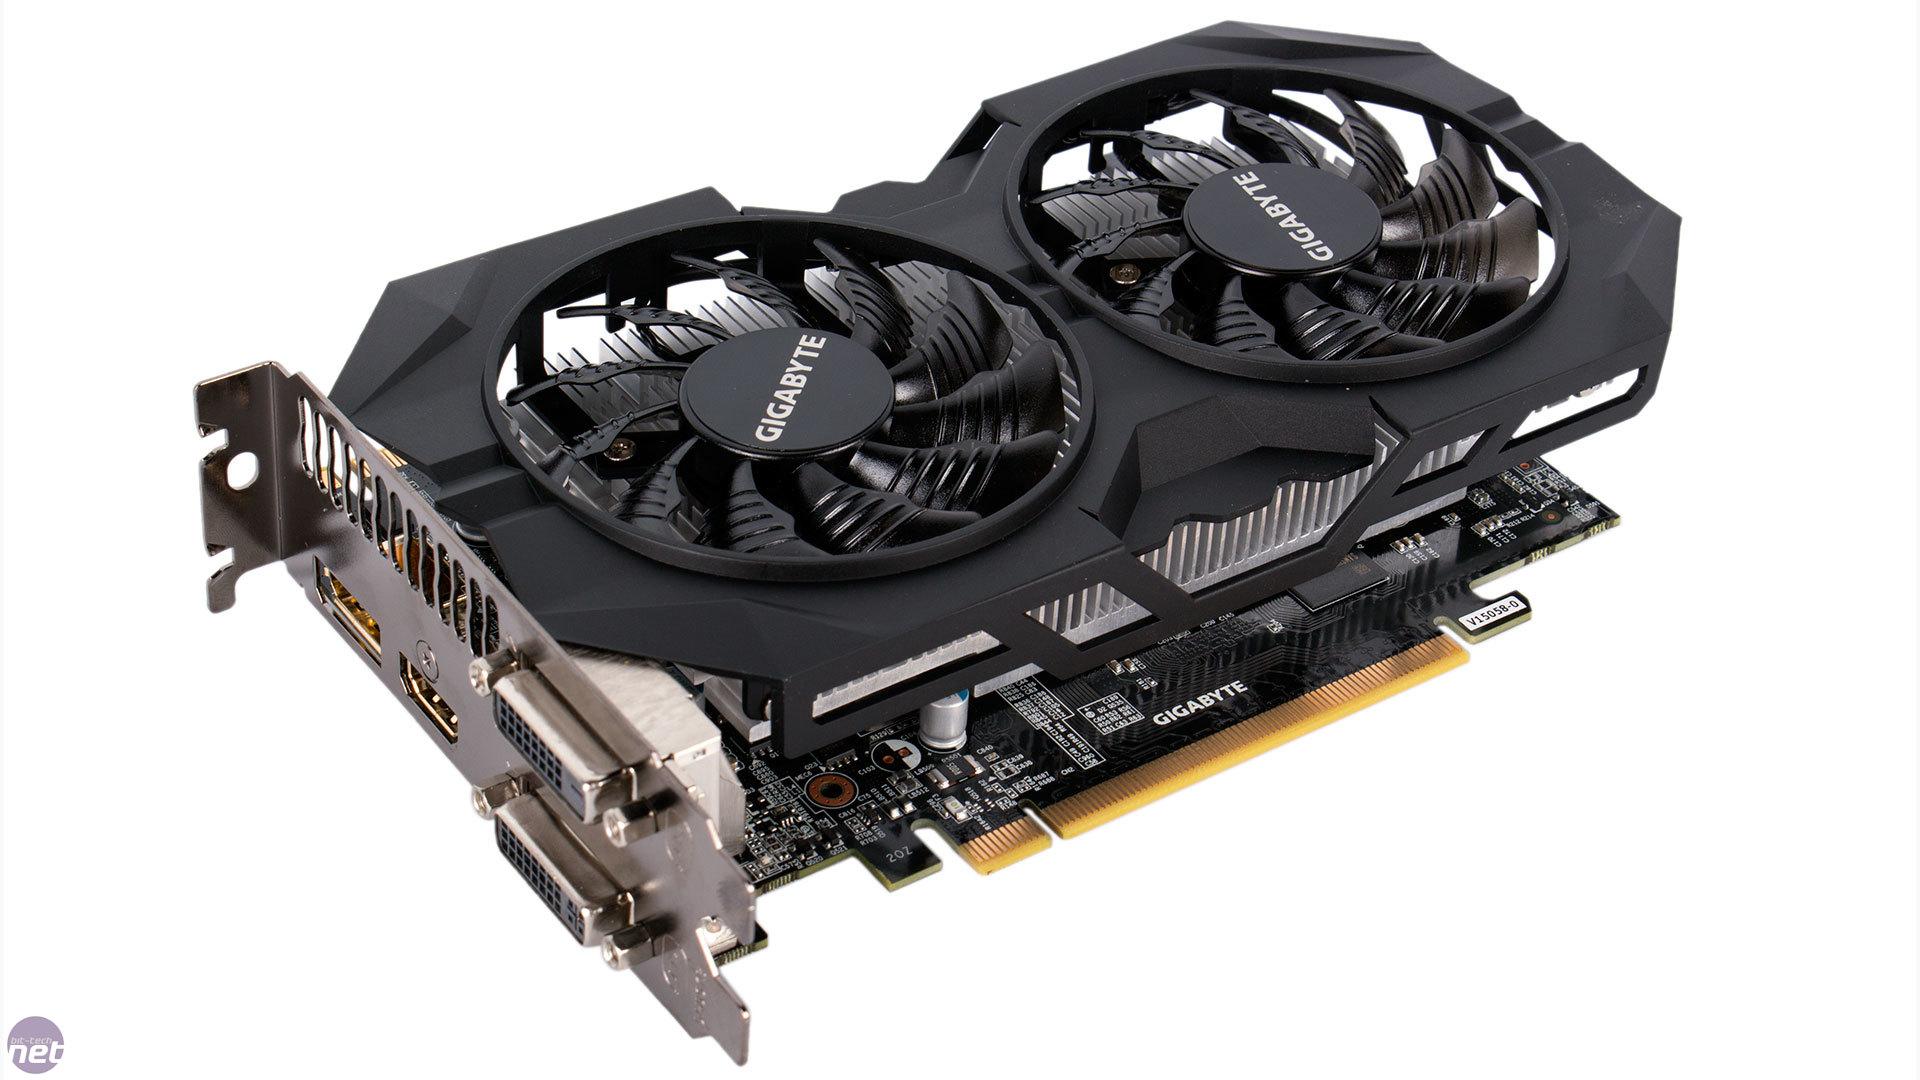 GeForce GTX 950 SE